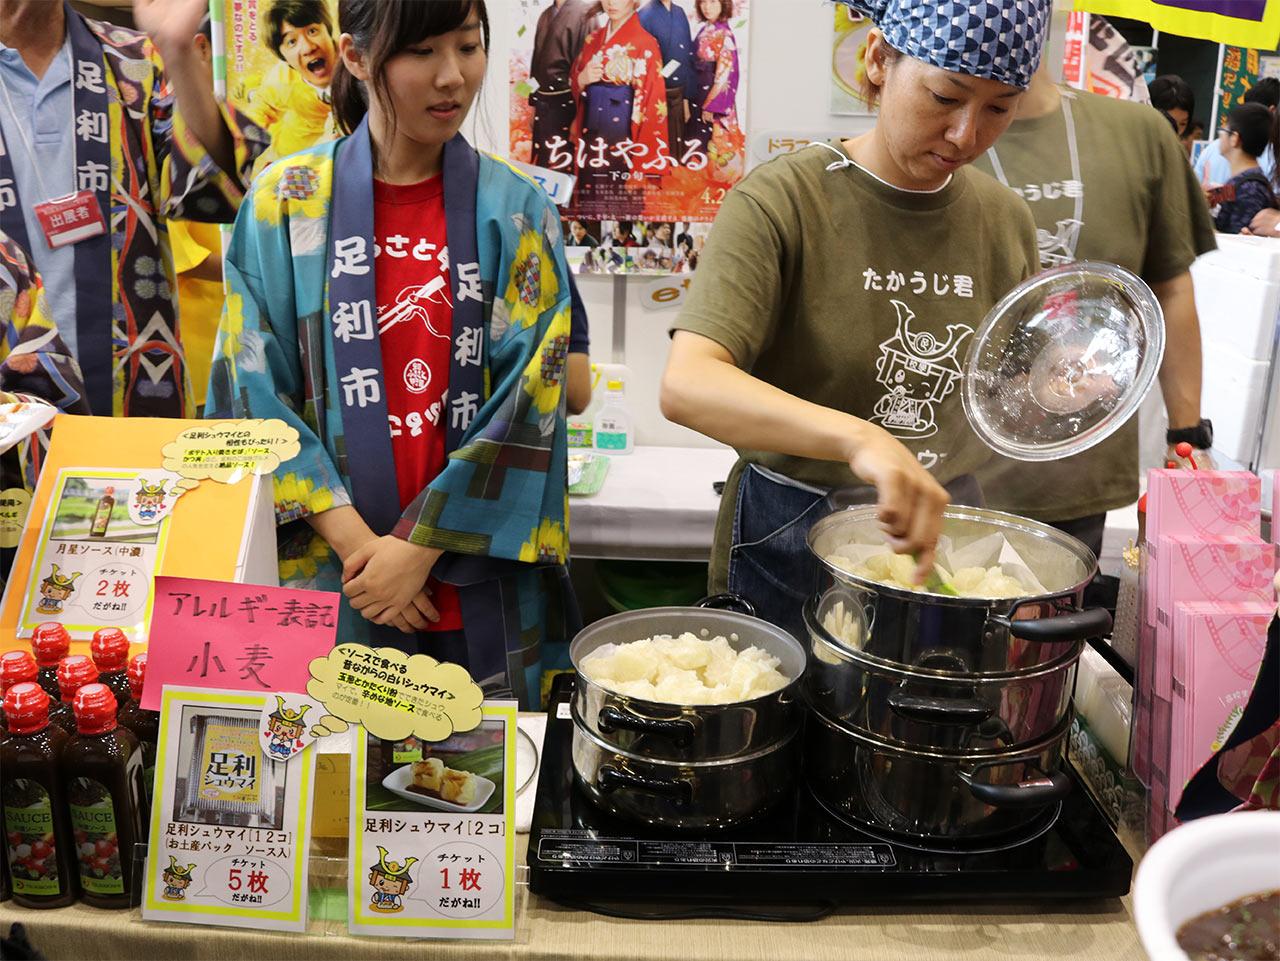 furusato-koshien-2016-report-02